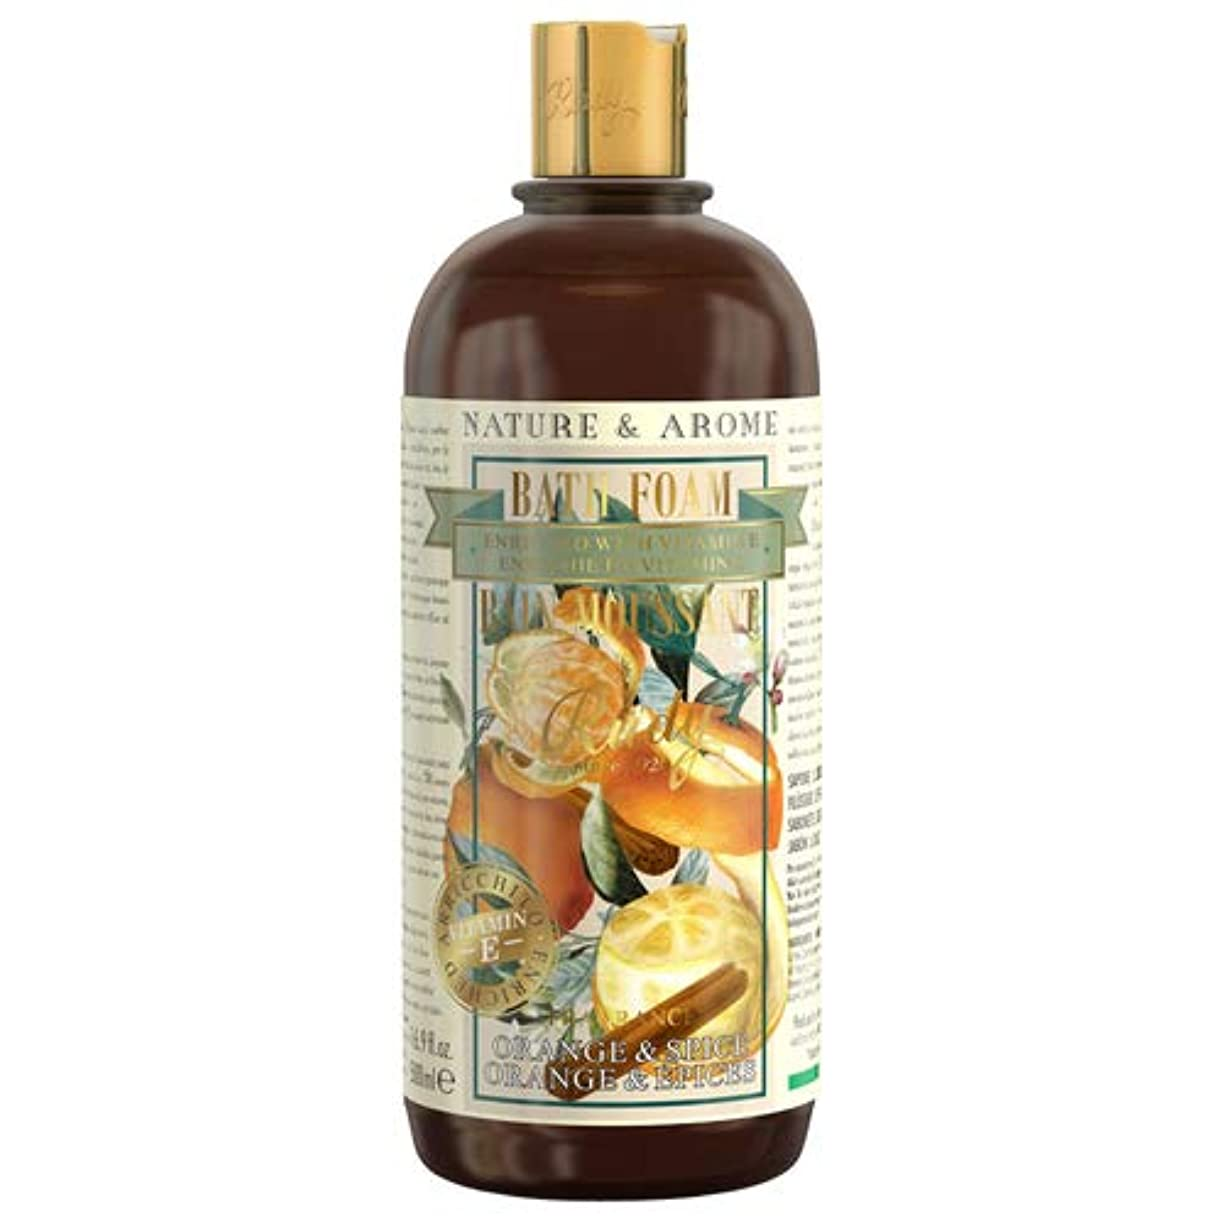 迅速レモンお祝いRUDY Nature&Arome Apothecary ネイチャーアロマ アポセカリー Bath & Shower Gel バス&シャワージェル Orange & Spice オレンジ&スパイス